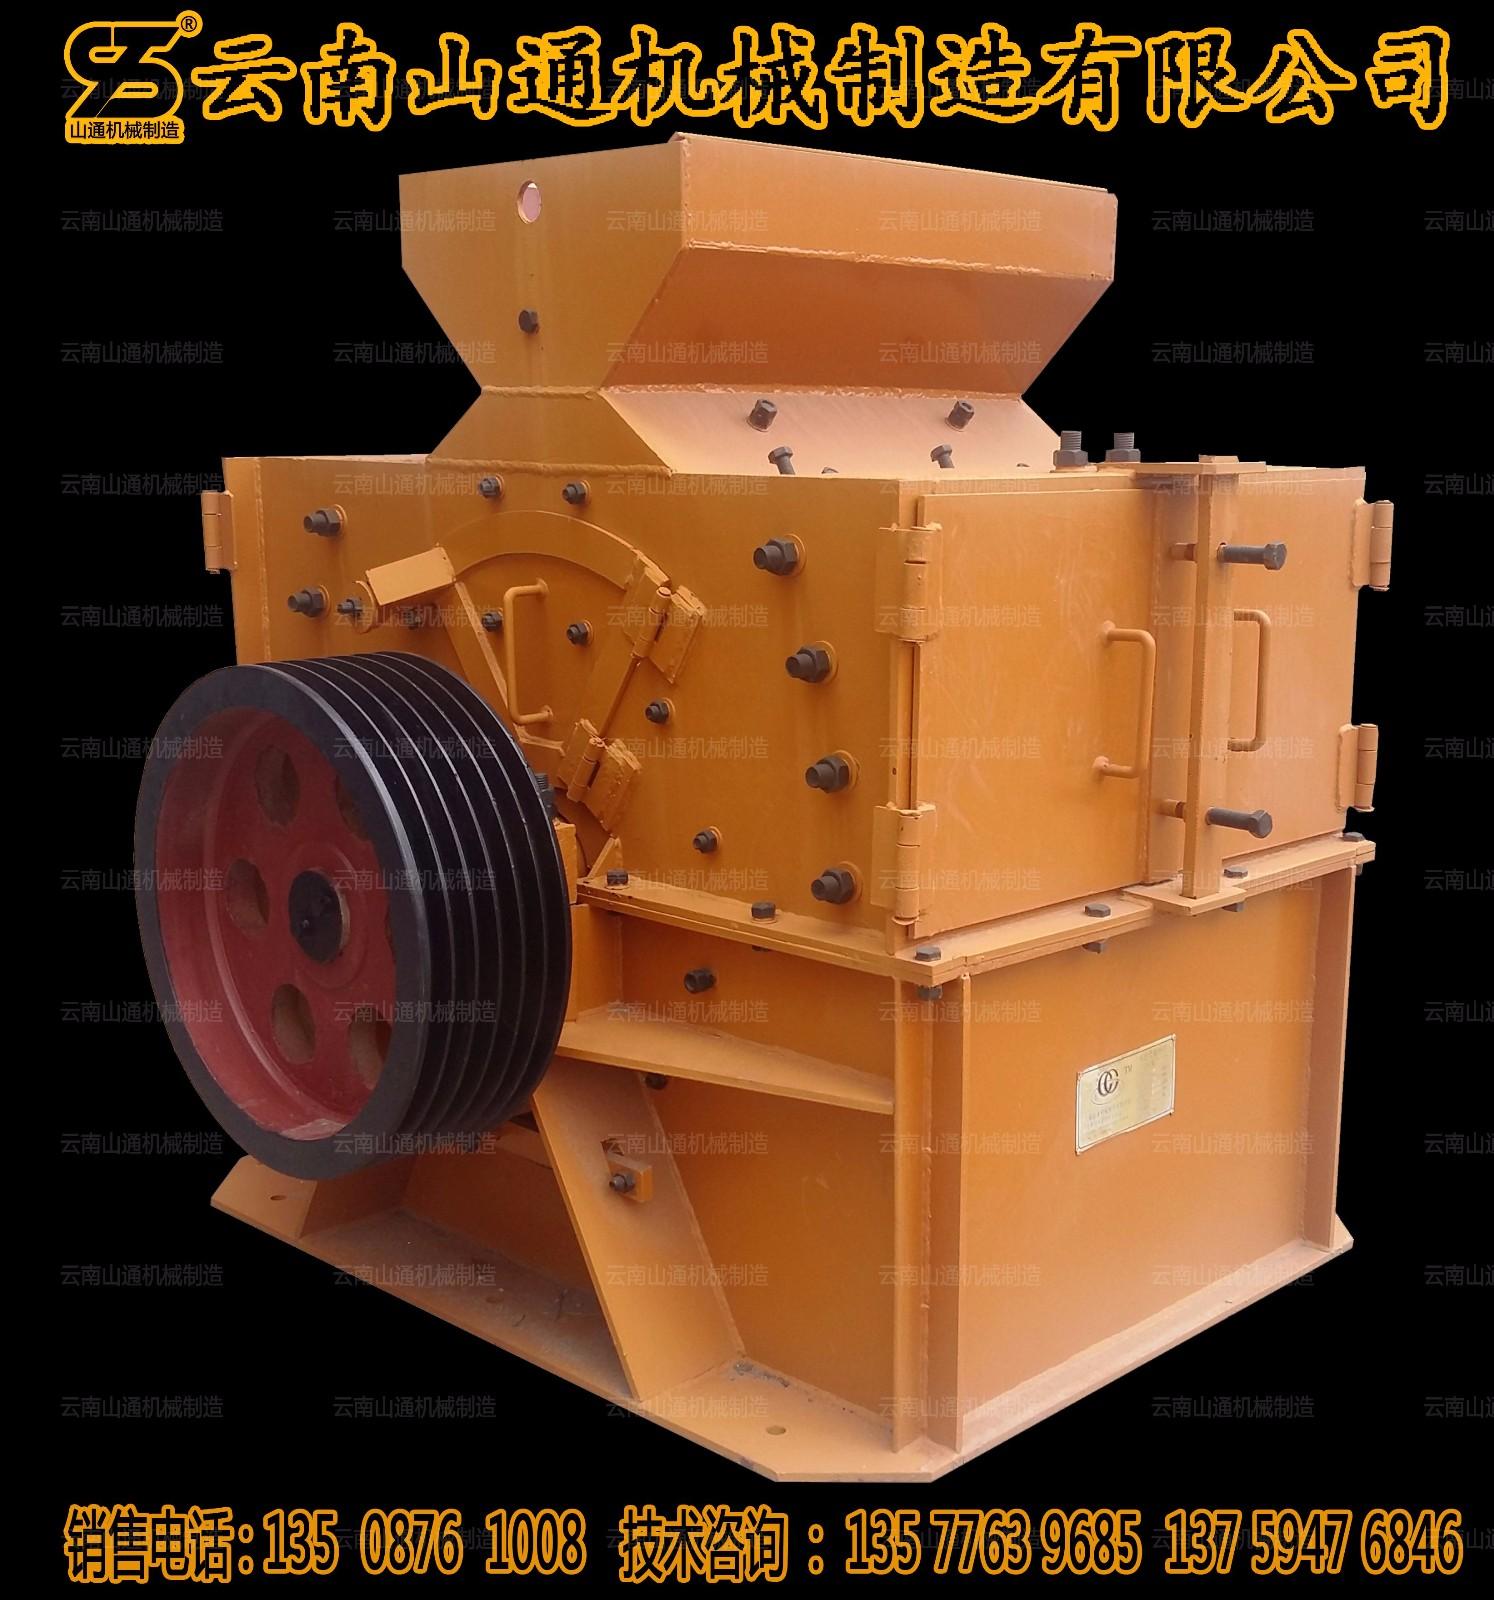 F可逆式制砂机PCK1010.jpg